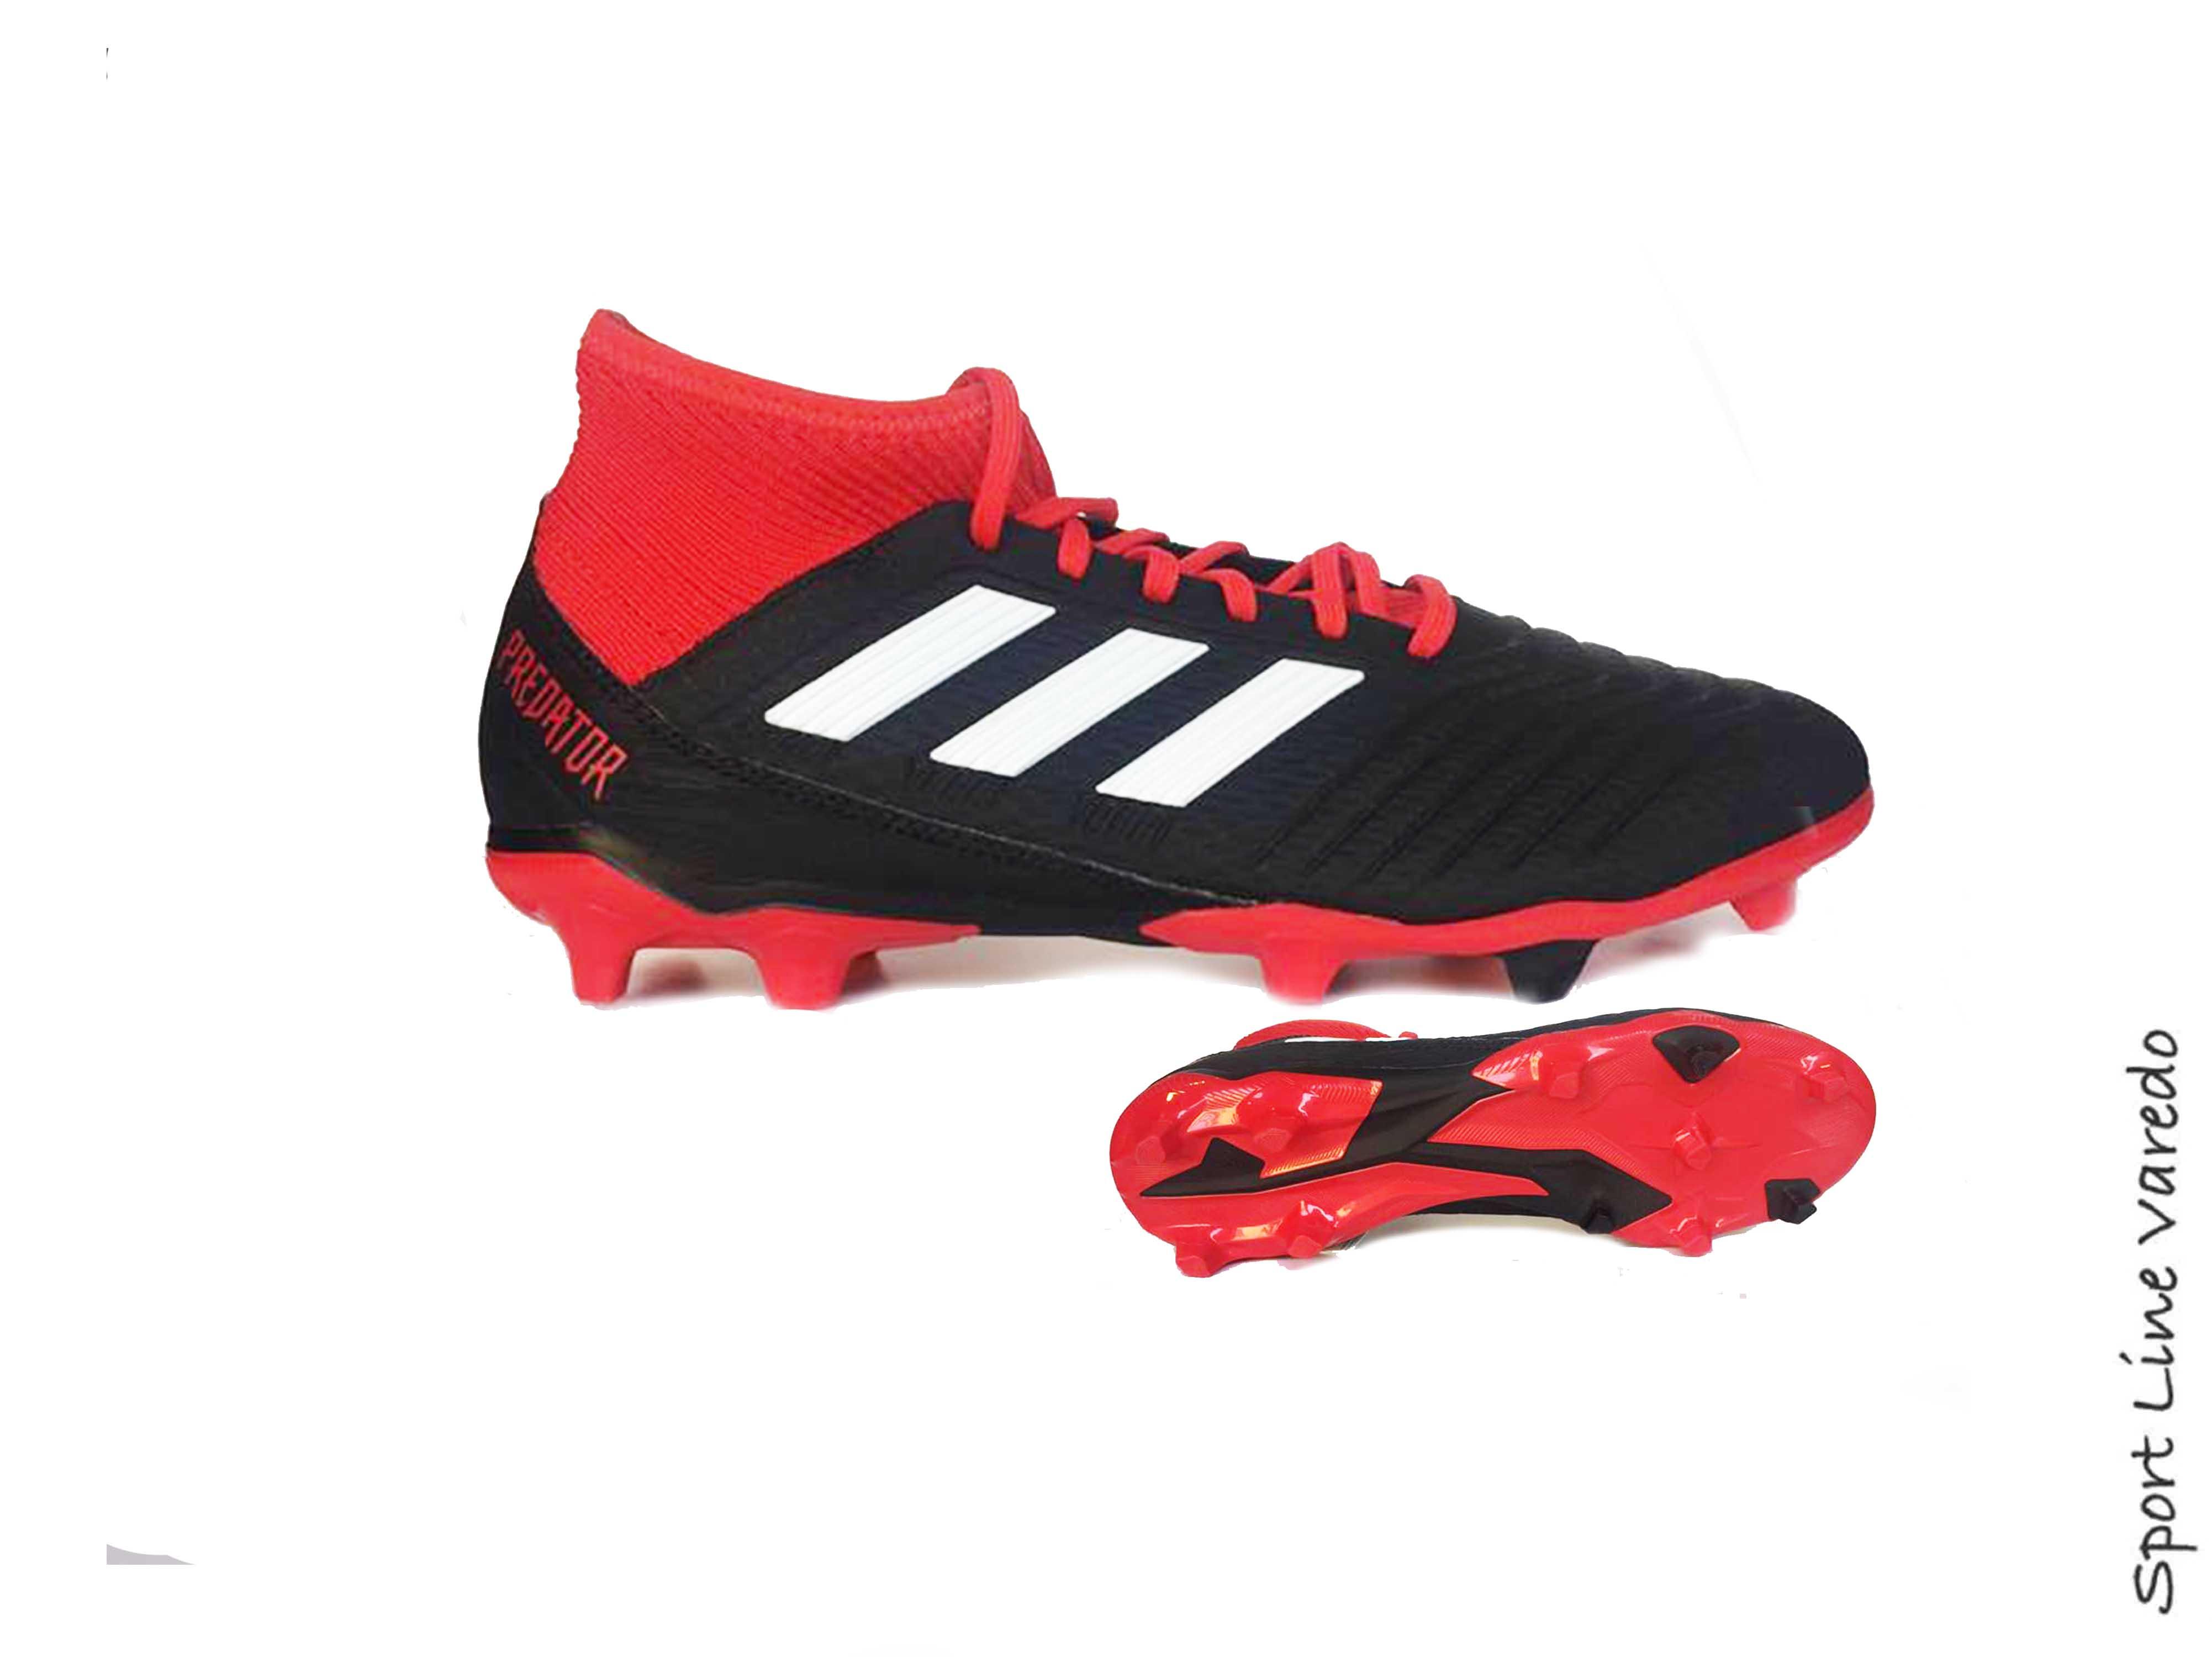 online store 02941 14521 Adidas Predator 18.3 FG JR Adulto